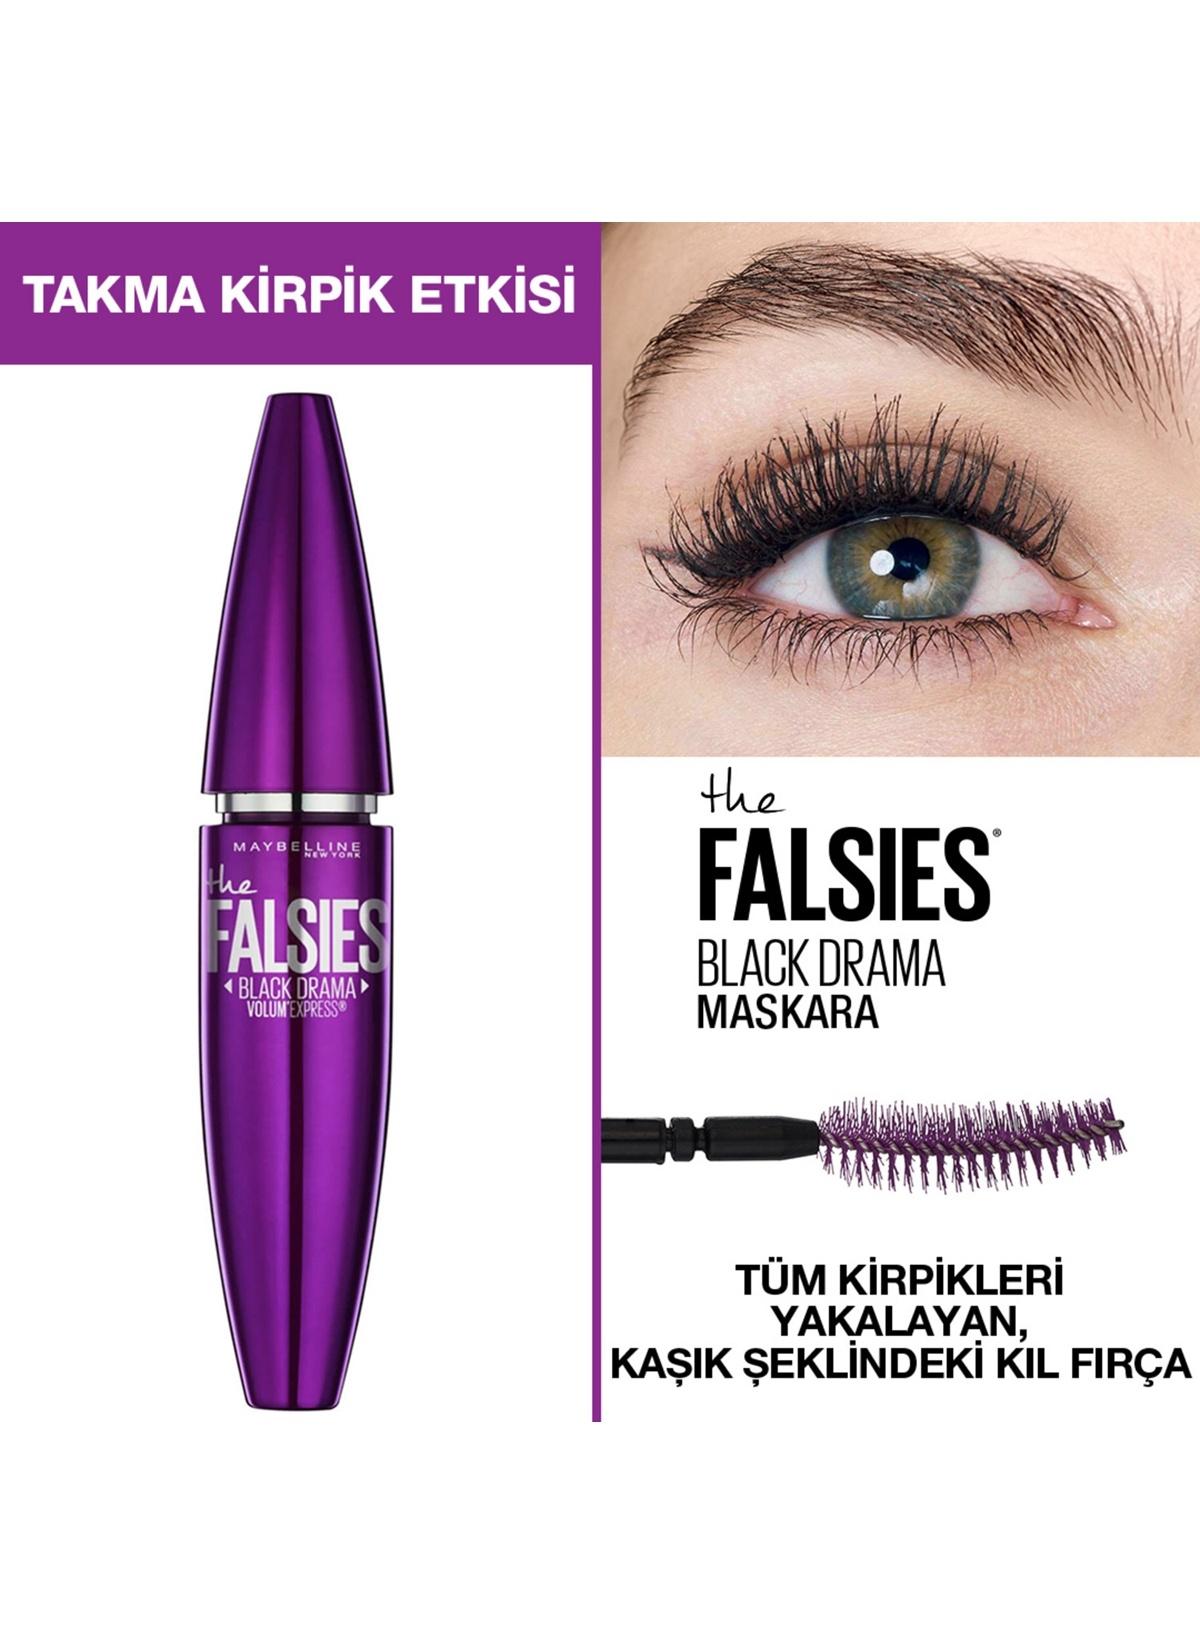 8b4ff97e930 Maybelline Kadın Volum' Express Falsies Black Drama Takma Kirpik Etkili  Siyah Maskara Siyah 3600531507282 Ürün